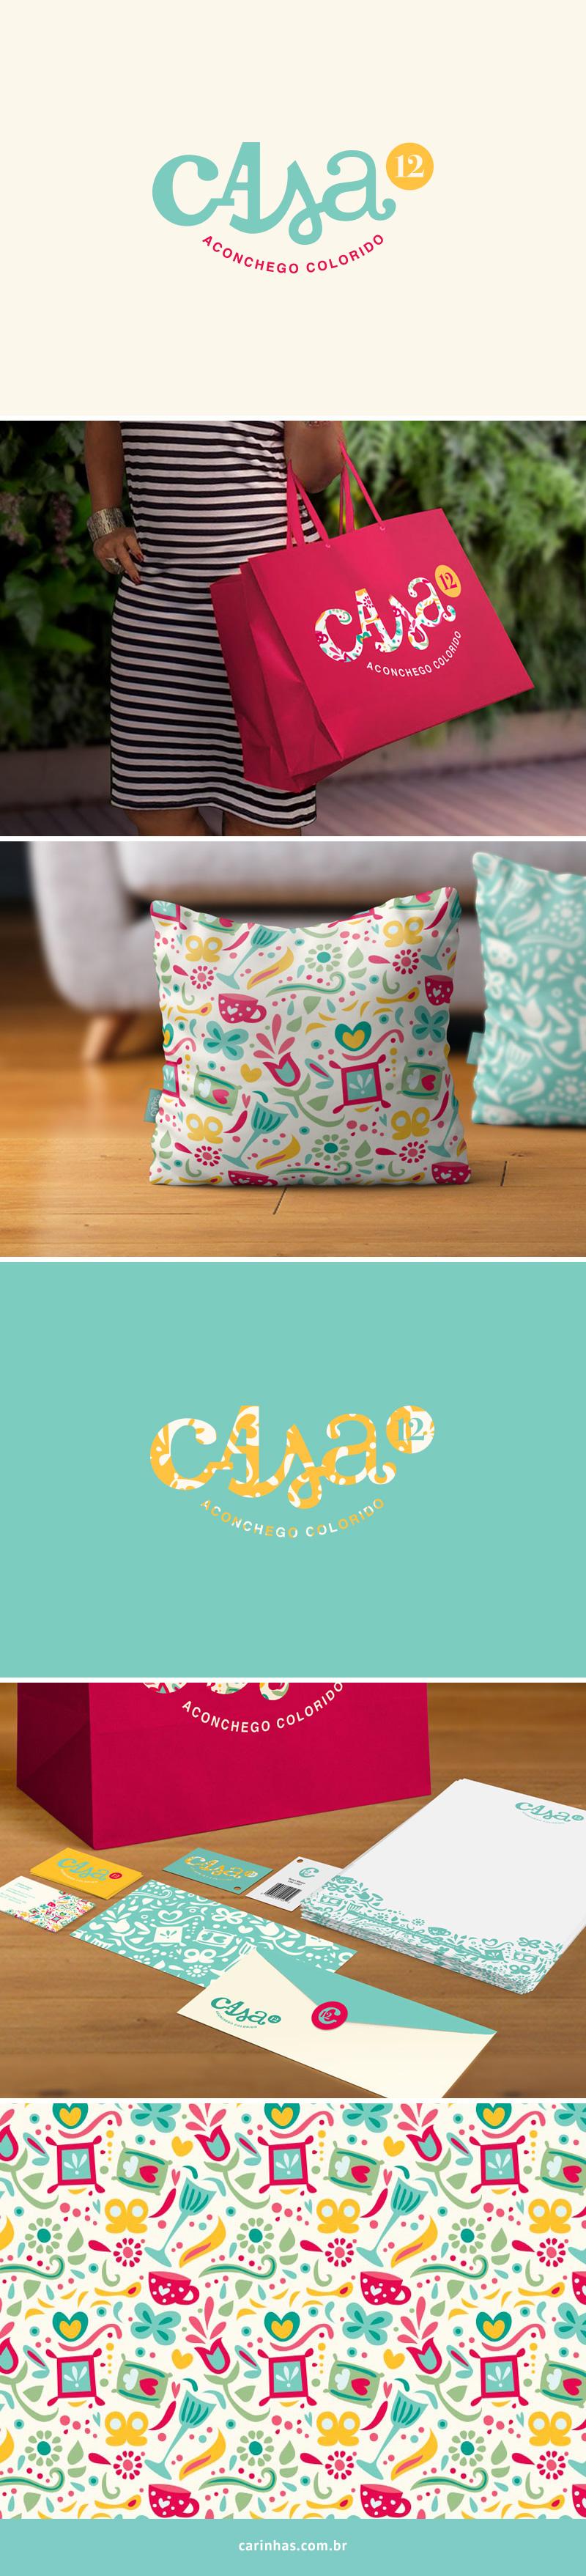 Marca Apaixonante para a Casa12 - carinhas.com.br